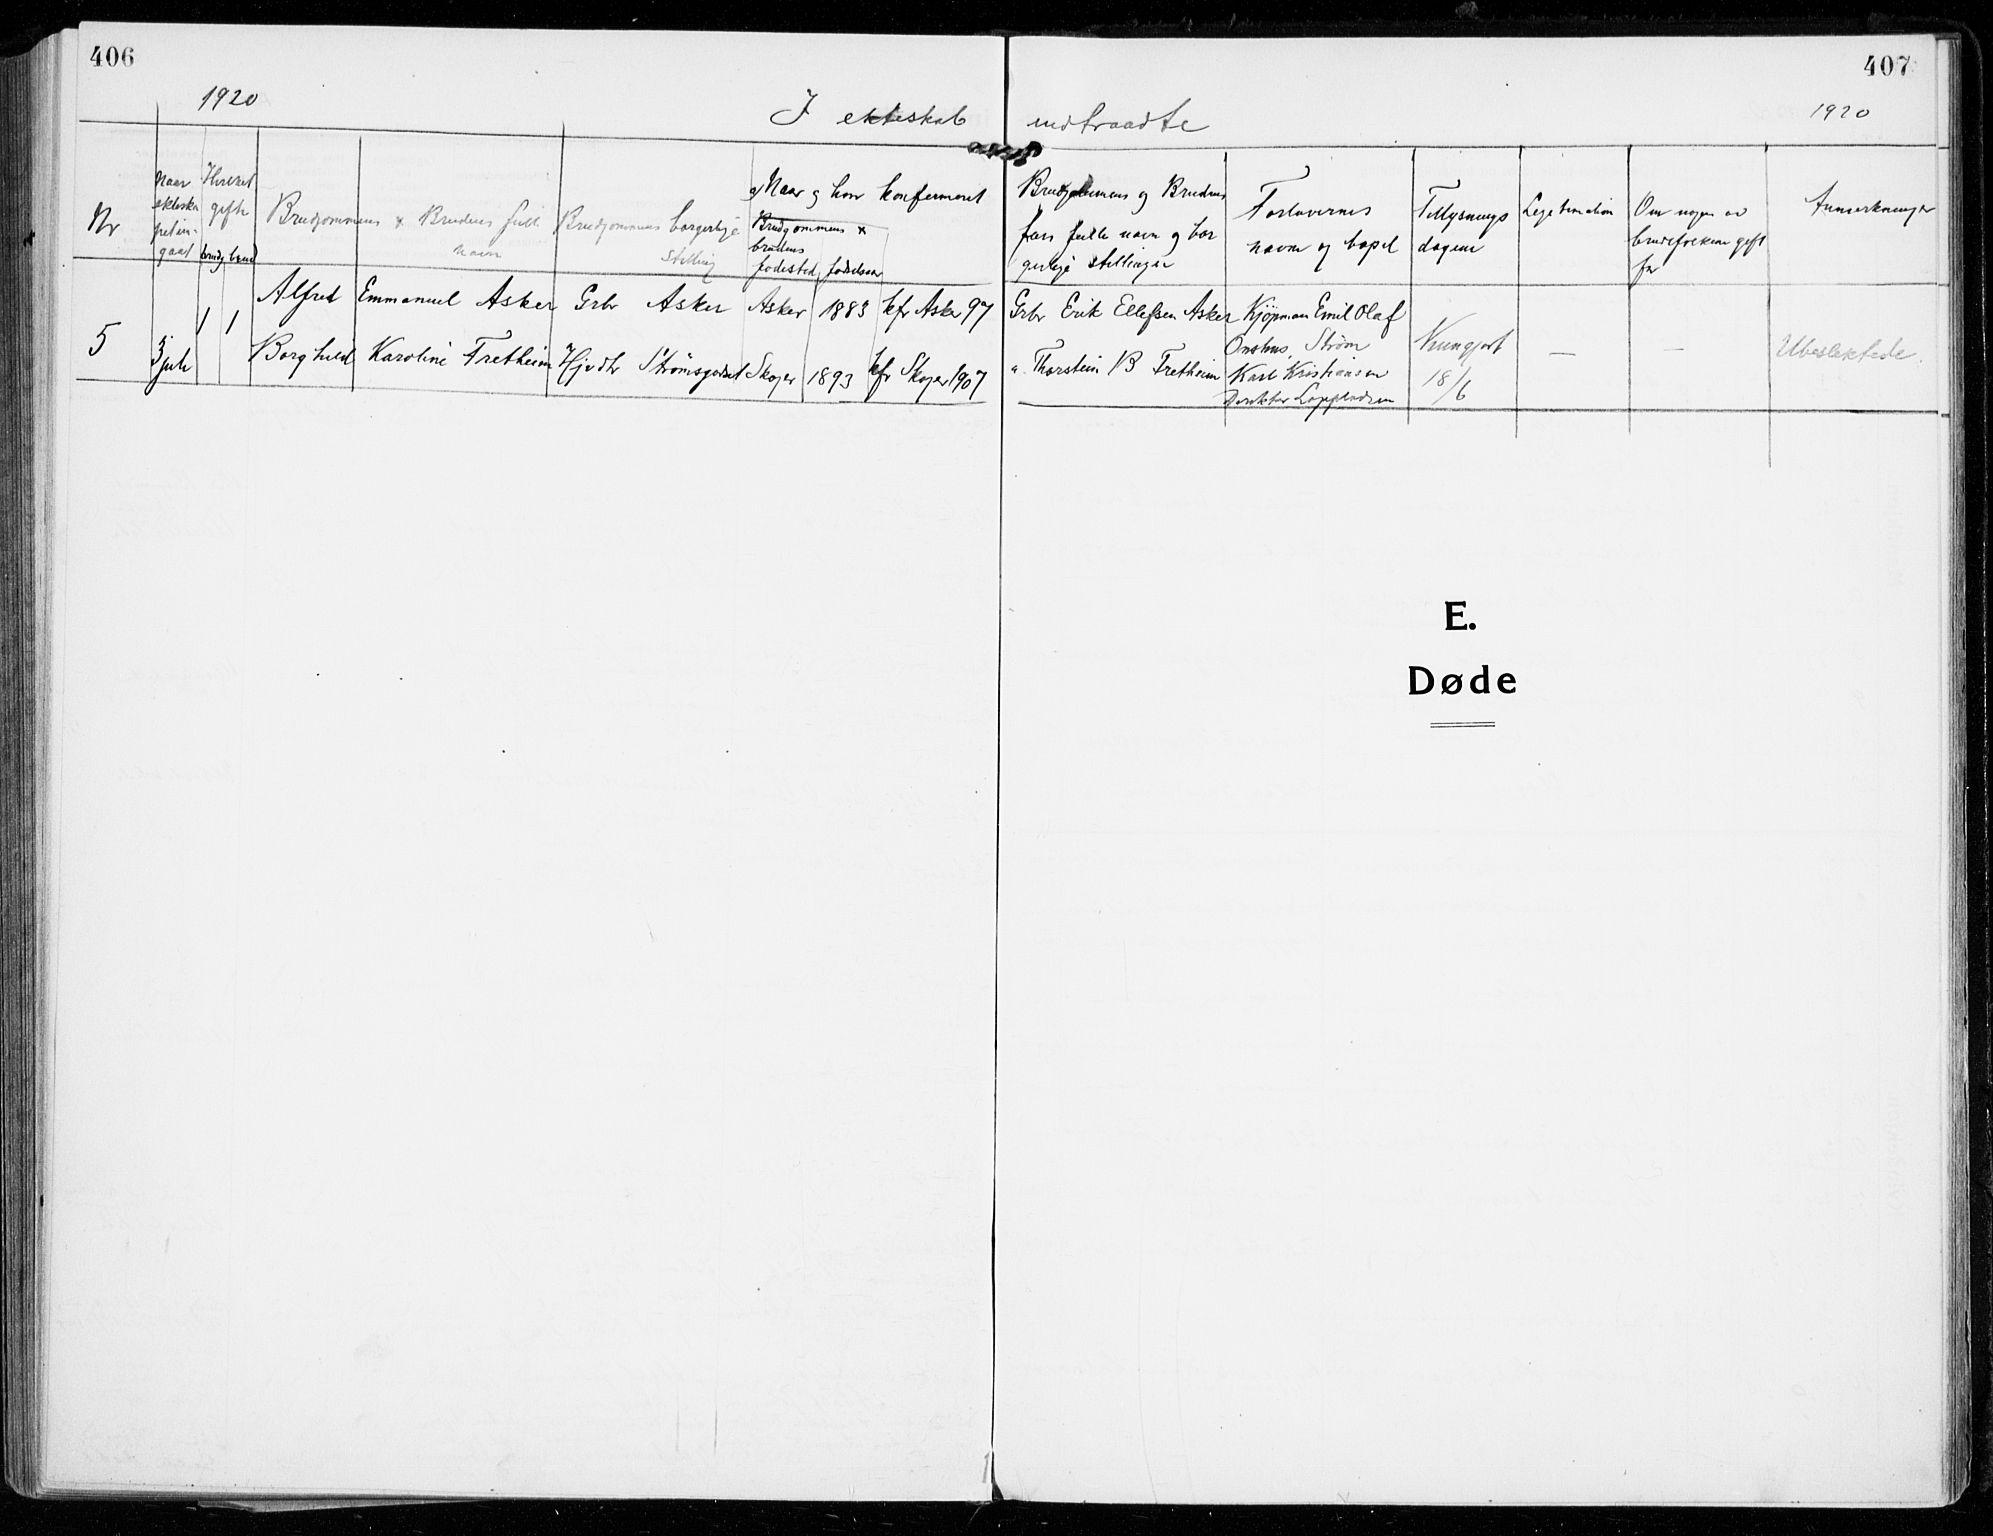 SAKO, Strømsgodset kirkebøker, F/Fa/L0002: Ministerialbok nr. 2, 1910-1920, s. 406-407